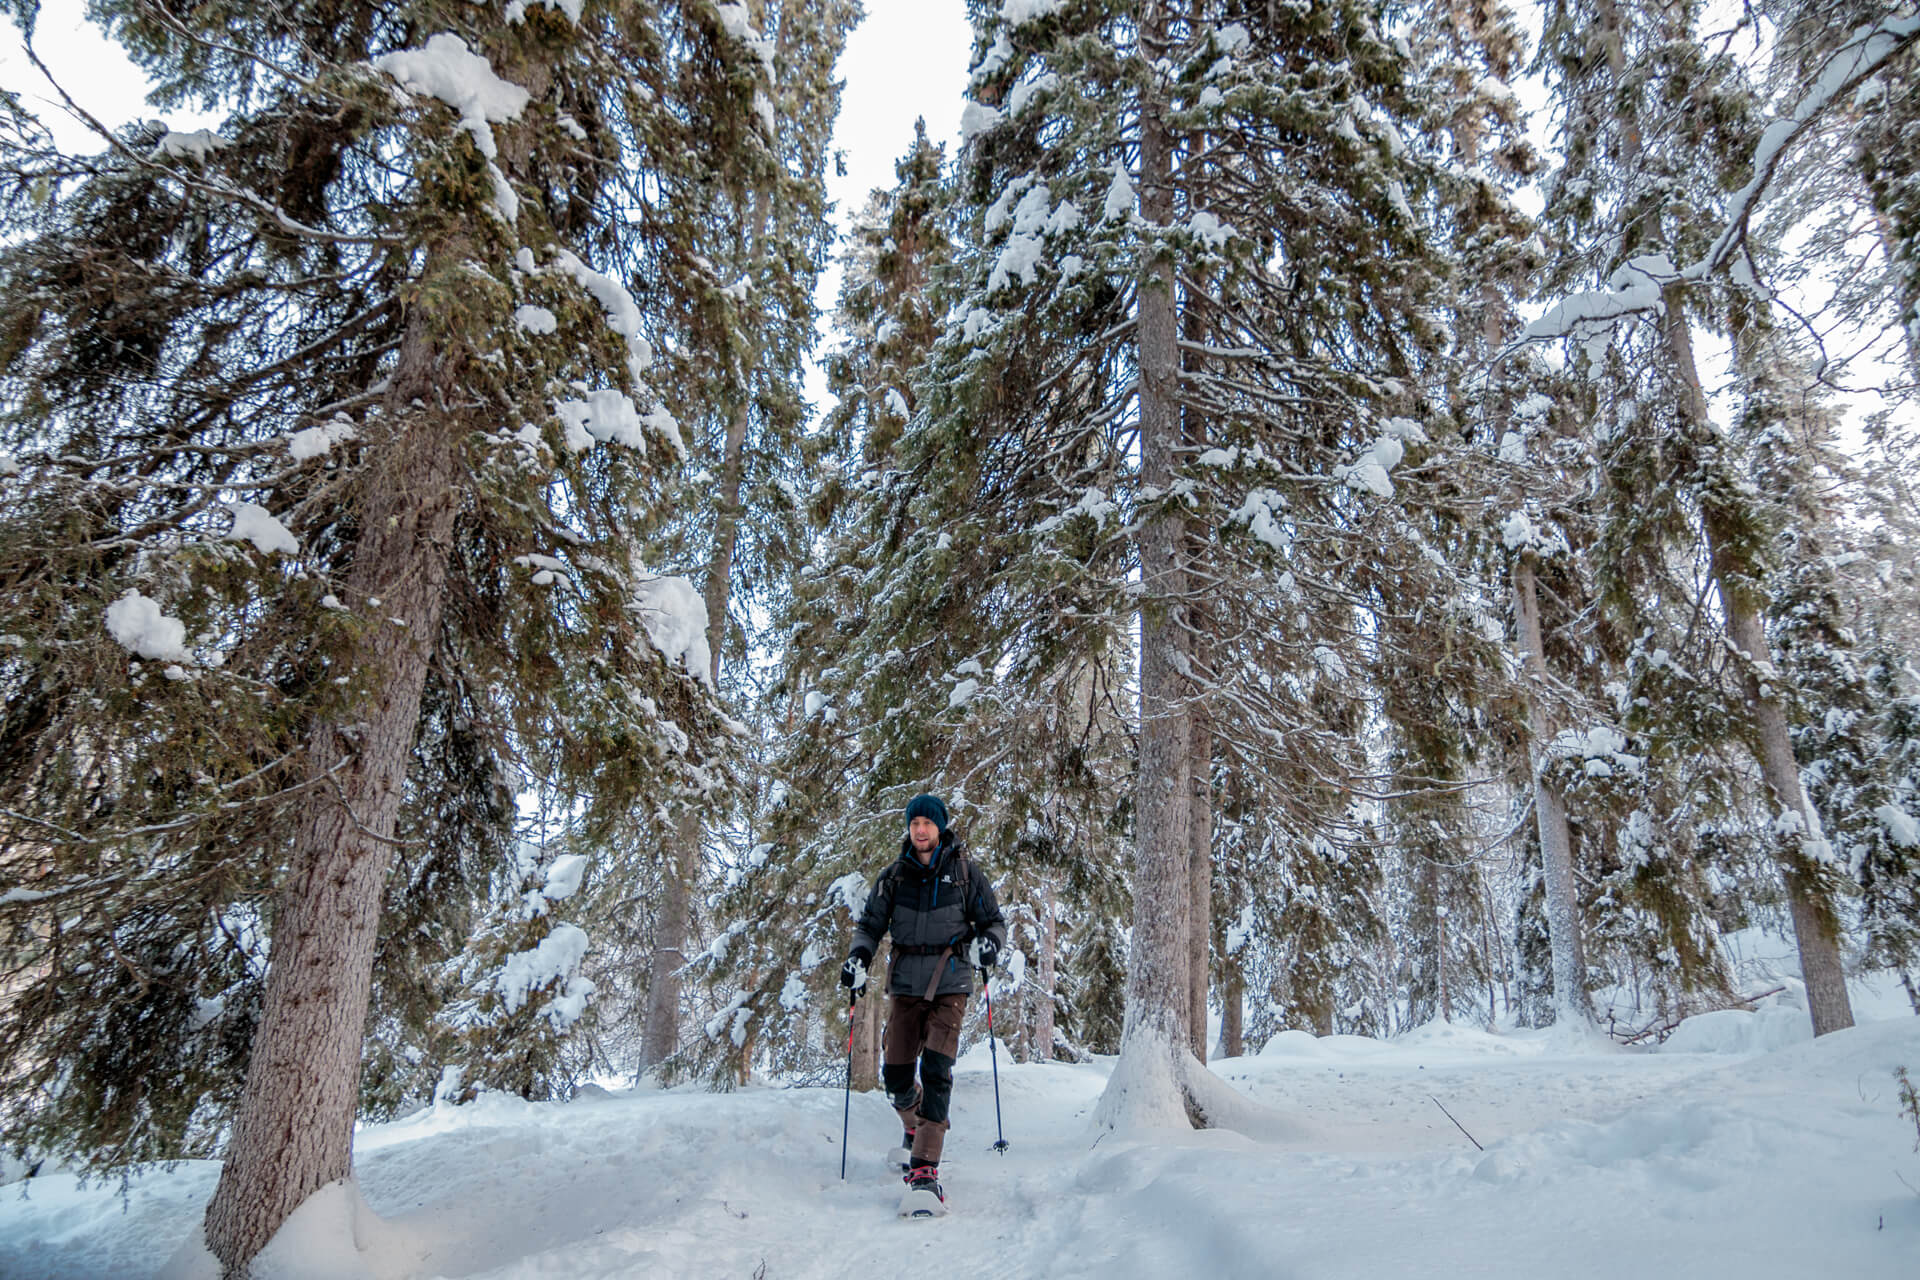 Sneeuwschoenwandeling in Oulanka National Park